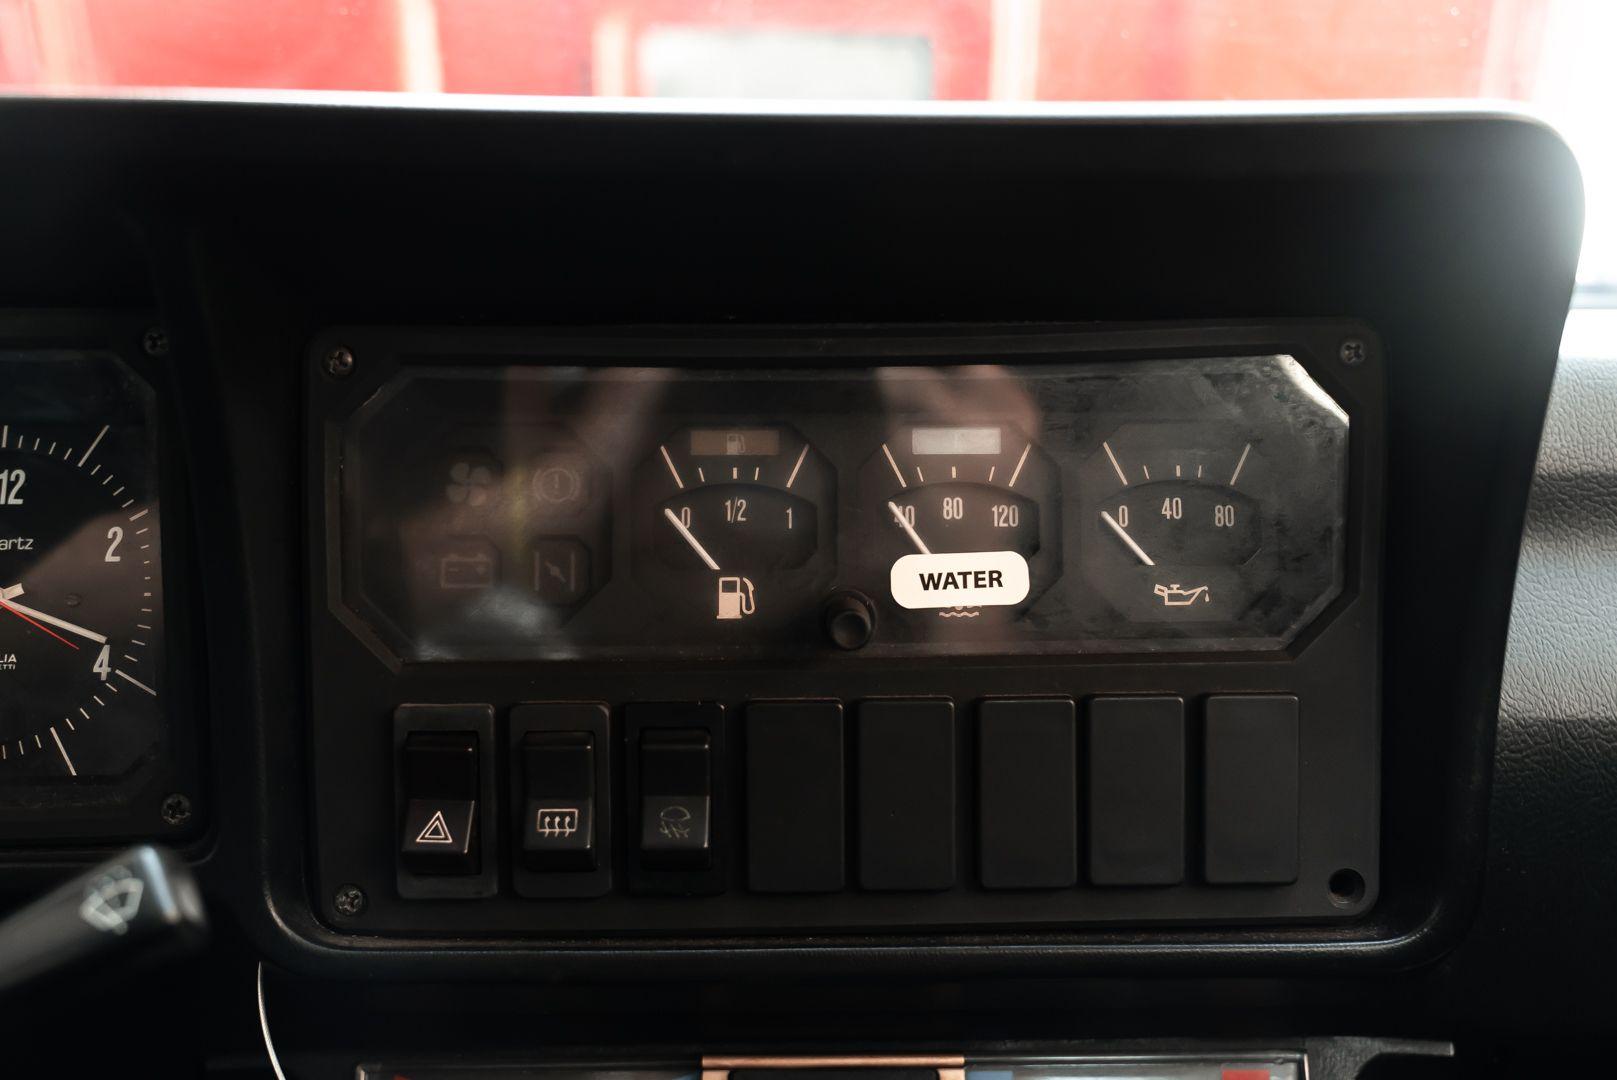 1981 Alfa Romeo GTV V6 2.5 Gr.2 Corsa 80113